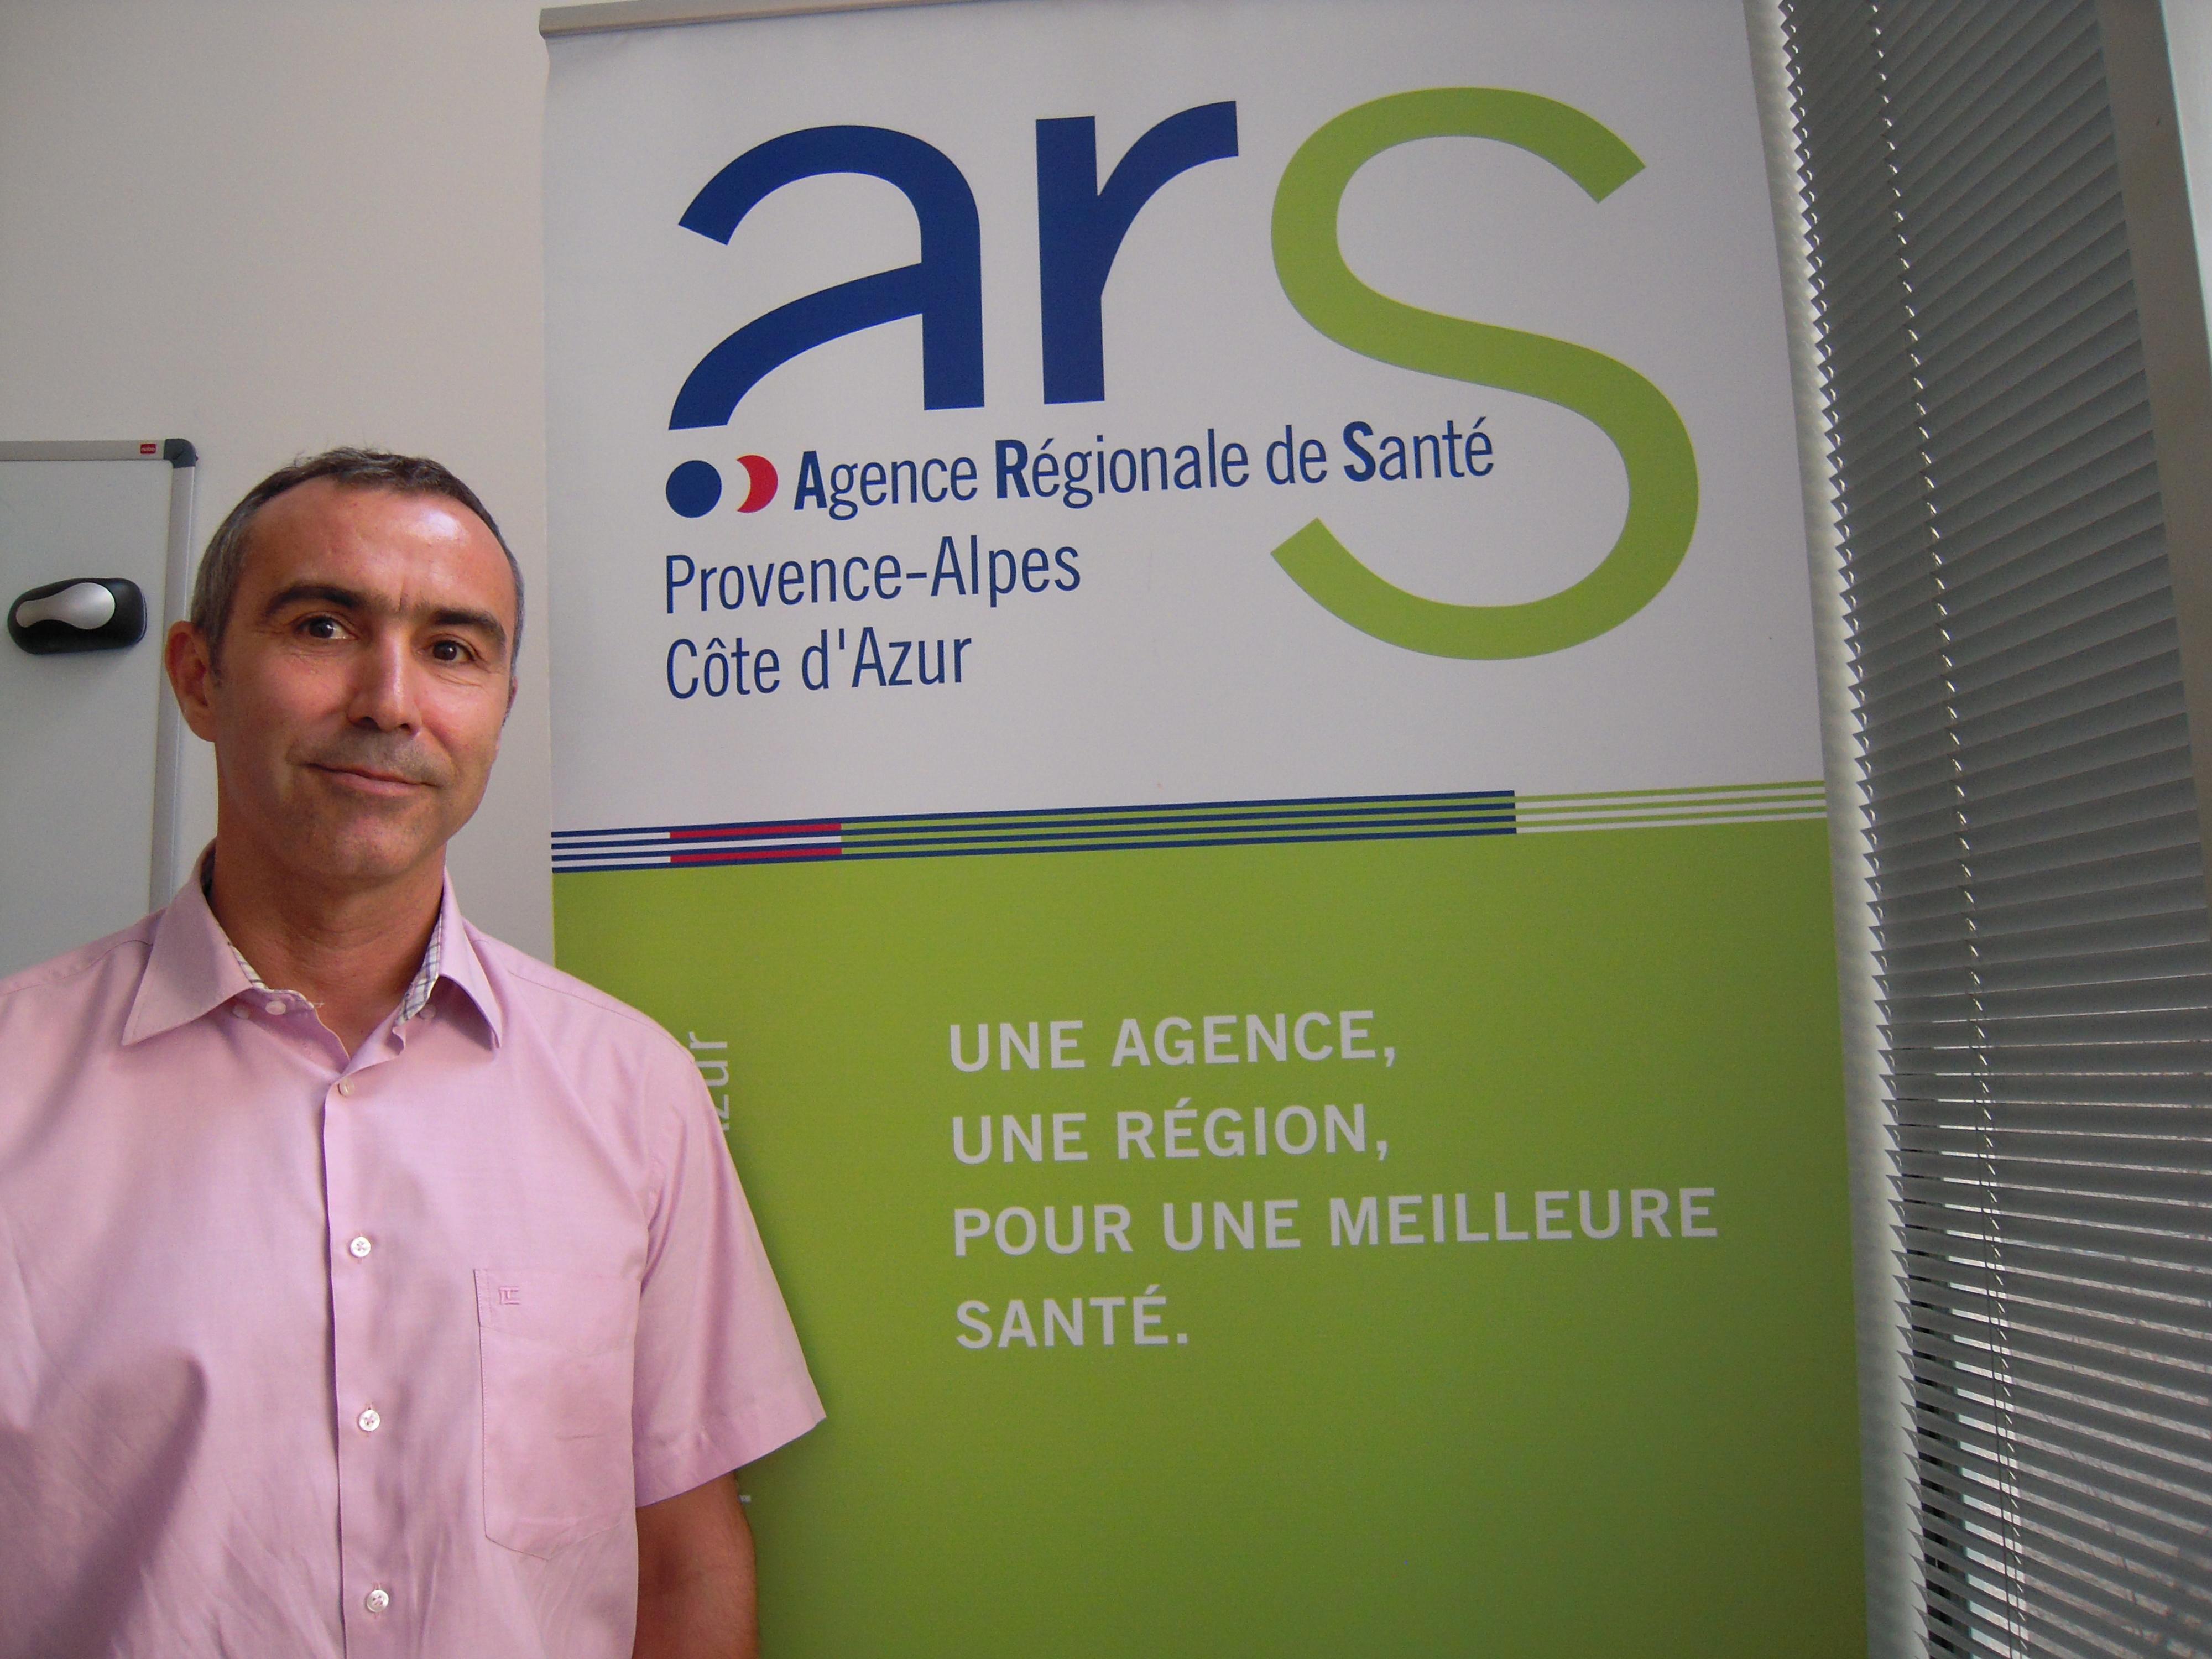 Le Docteur Manuel Munoz-Rivero, responsable de la veille et de la sécurité sanitaire à l'Agence Régionale de la Santé